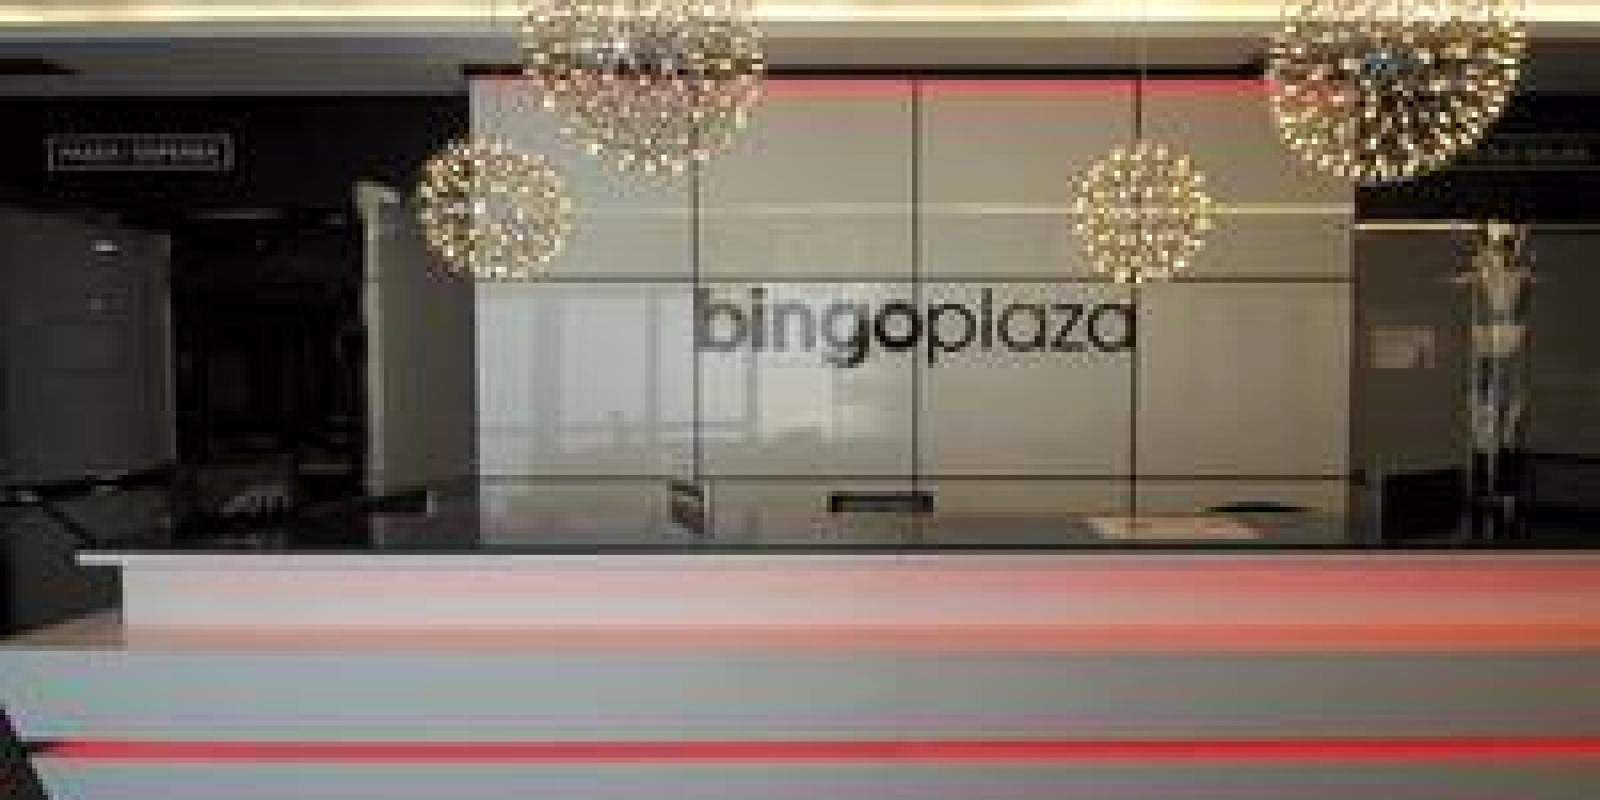 Bingo Plaza. Recepción